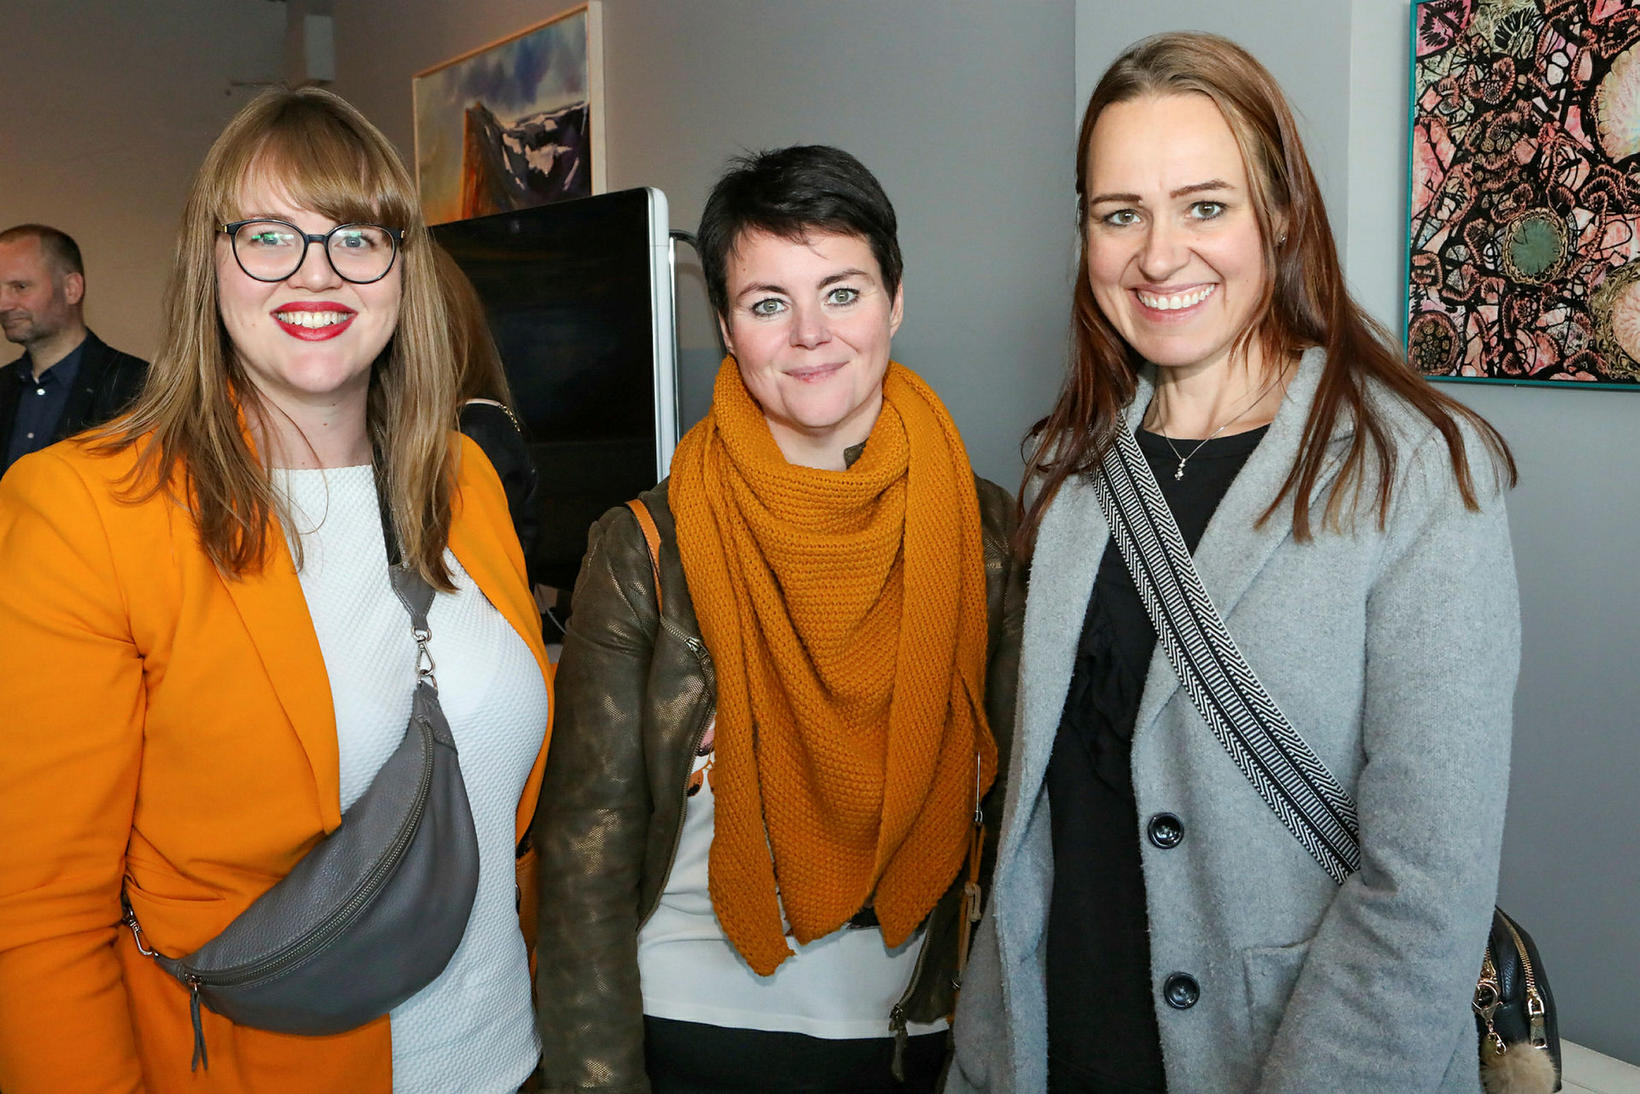 Ásdís Eir Símonardóttir, Hildur Jóna Bergþórsdóttir og Rut Eiríksdóttir.